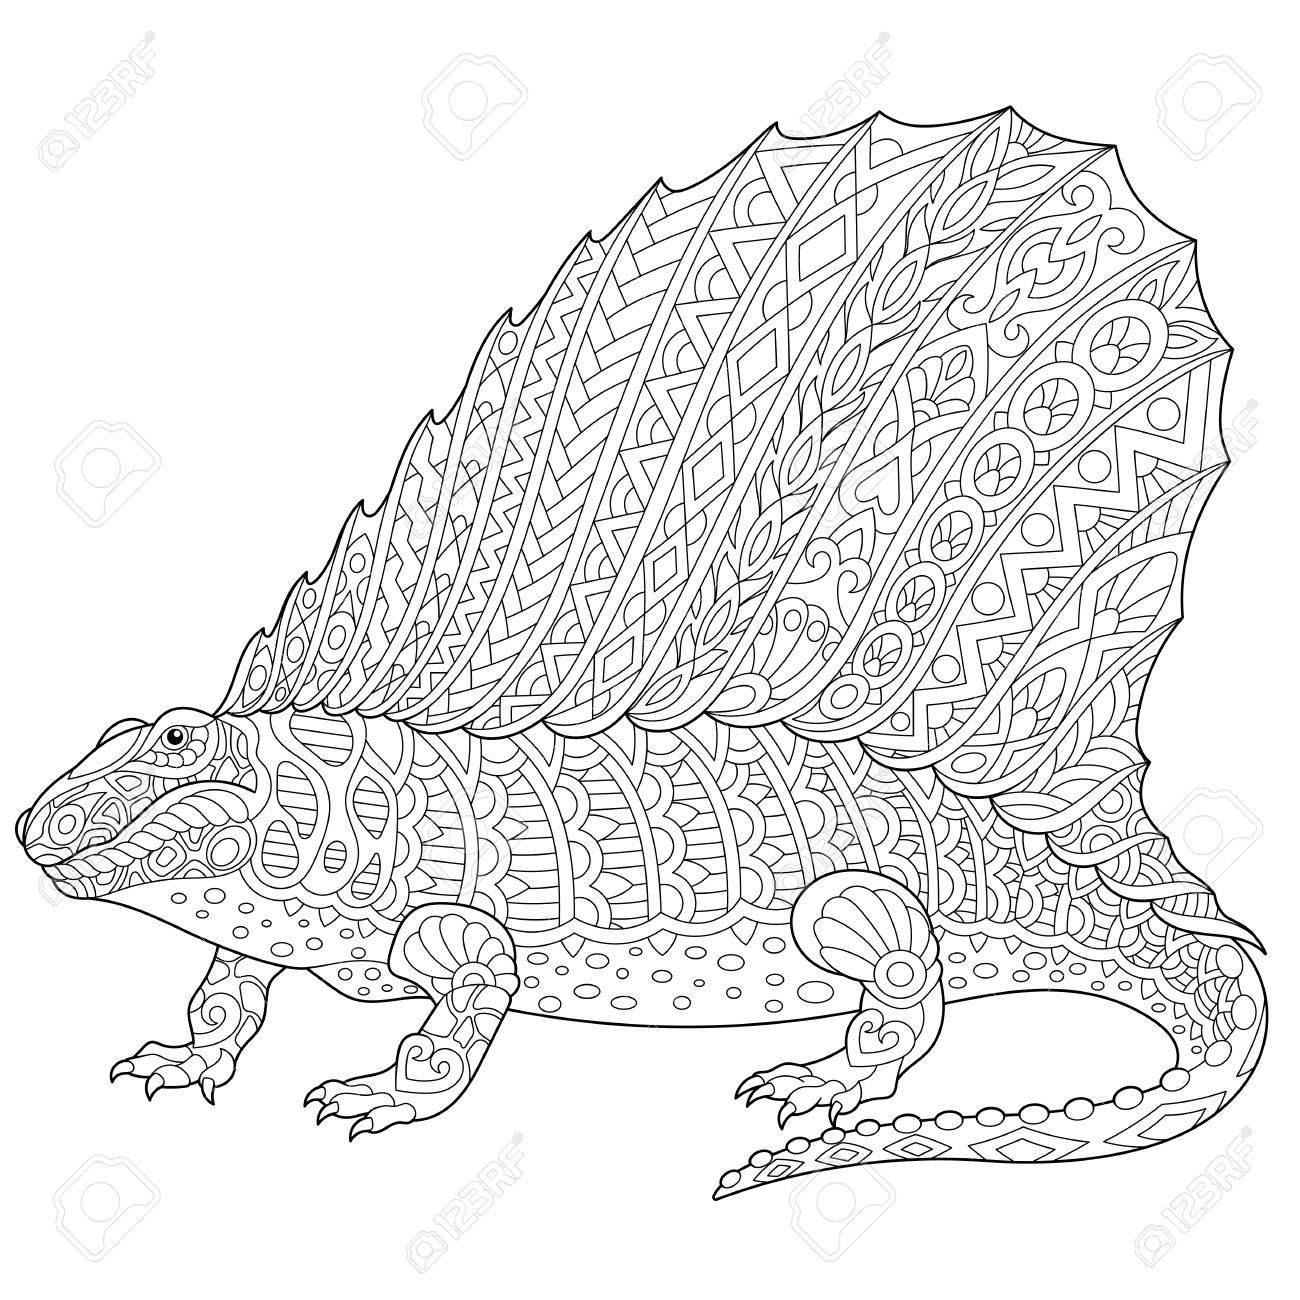 Coloriage Dinosaure Fossiles.Dinosaure Dimetrodon Stylise Reptile Fossile De La Periode Du